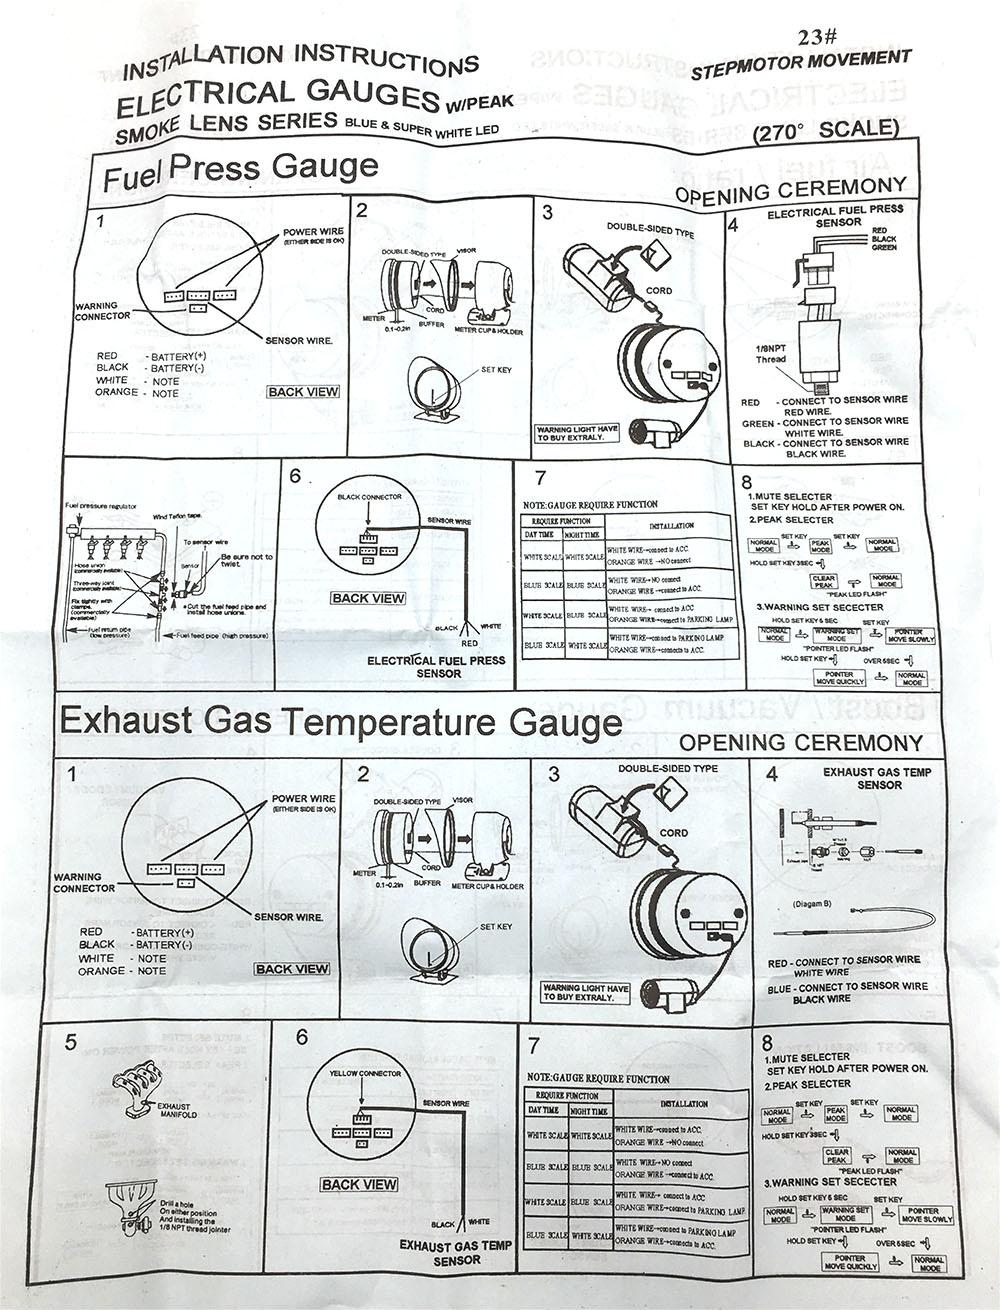 air fuel ratio gauge exhaust gas temperature gauge tachometer gauge boost gauge vacuum gauge oil temperature water temperature oil pressure gauge voltmeter  [ 1000 x 1310 Pixel ]